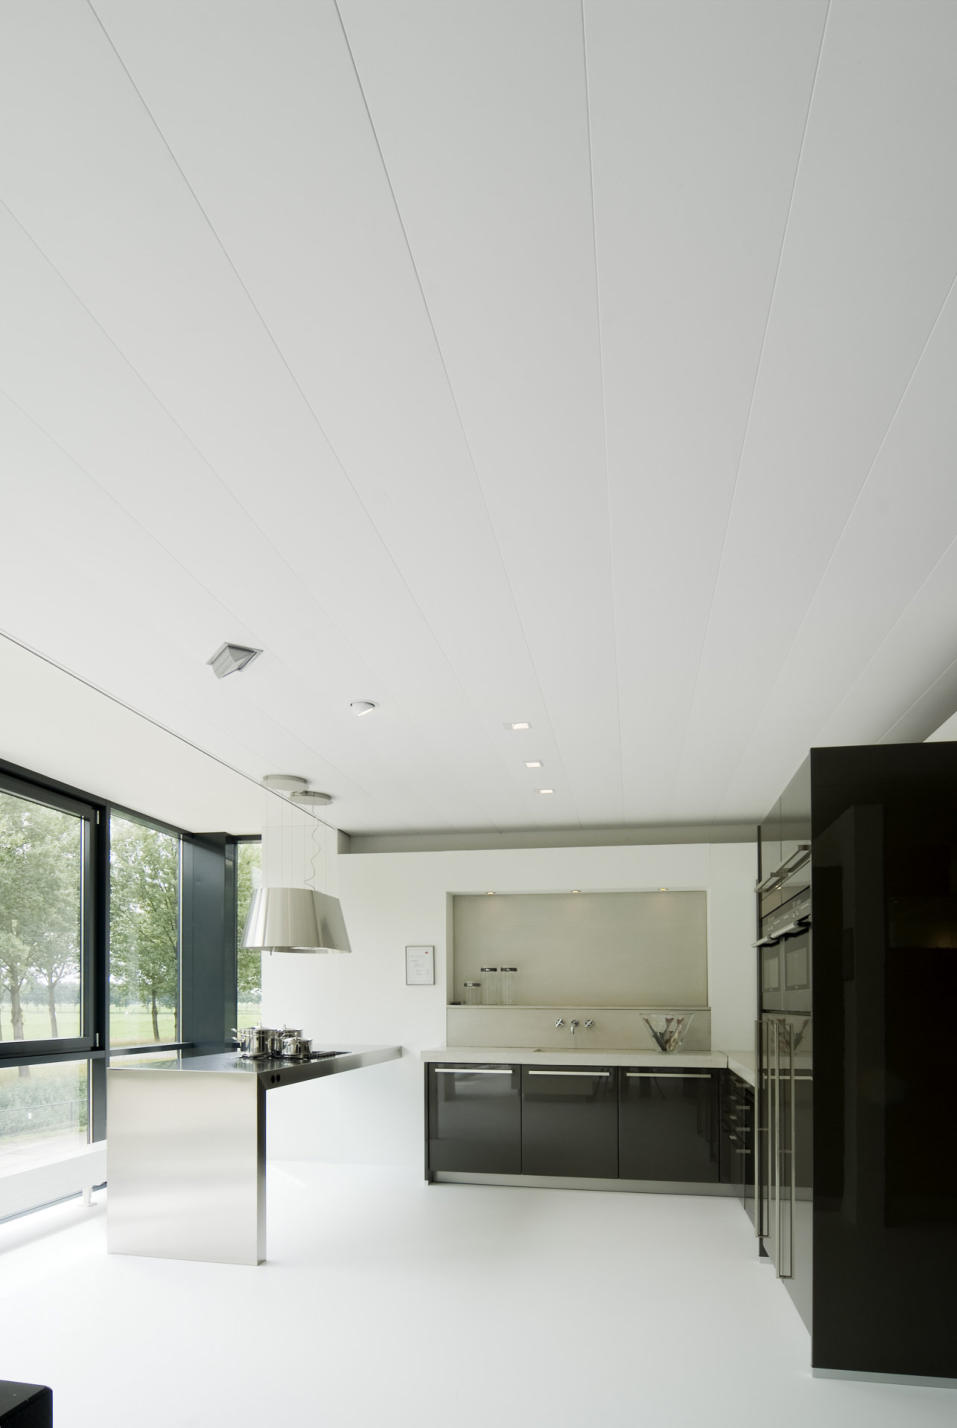 aluminium plafonds voor badkamer keuken en woonkamer